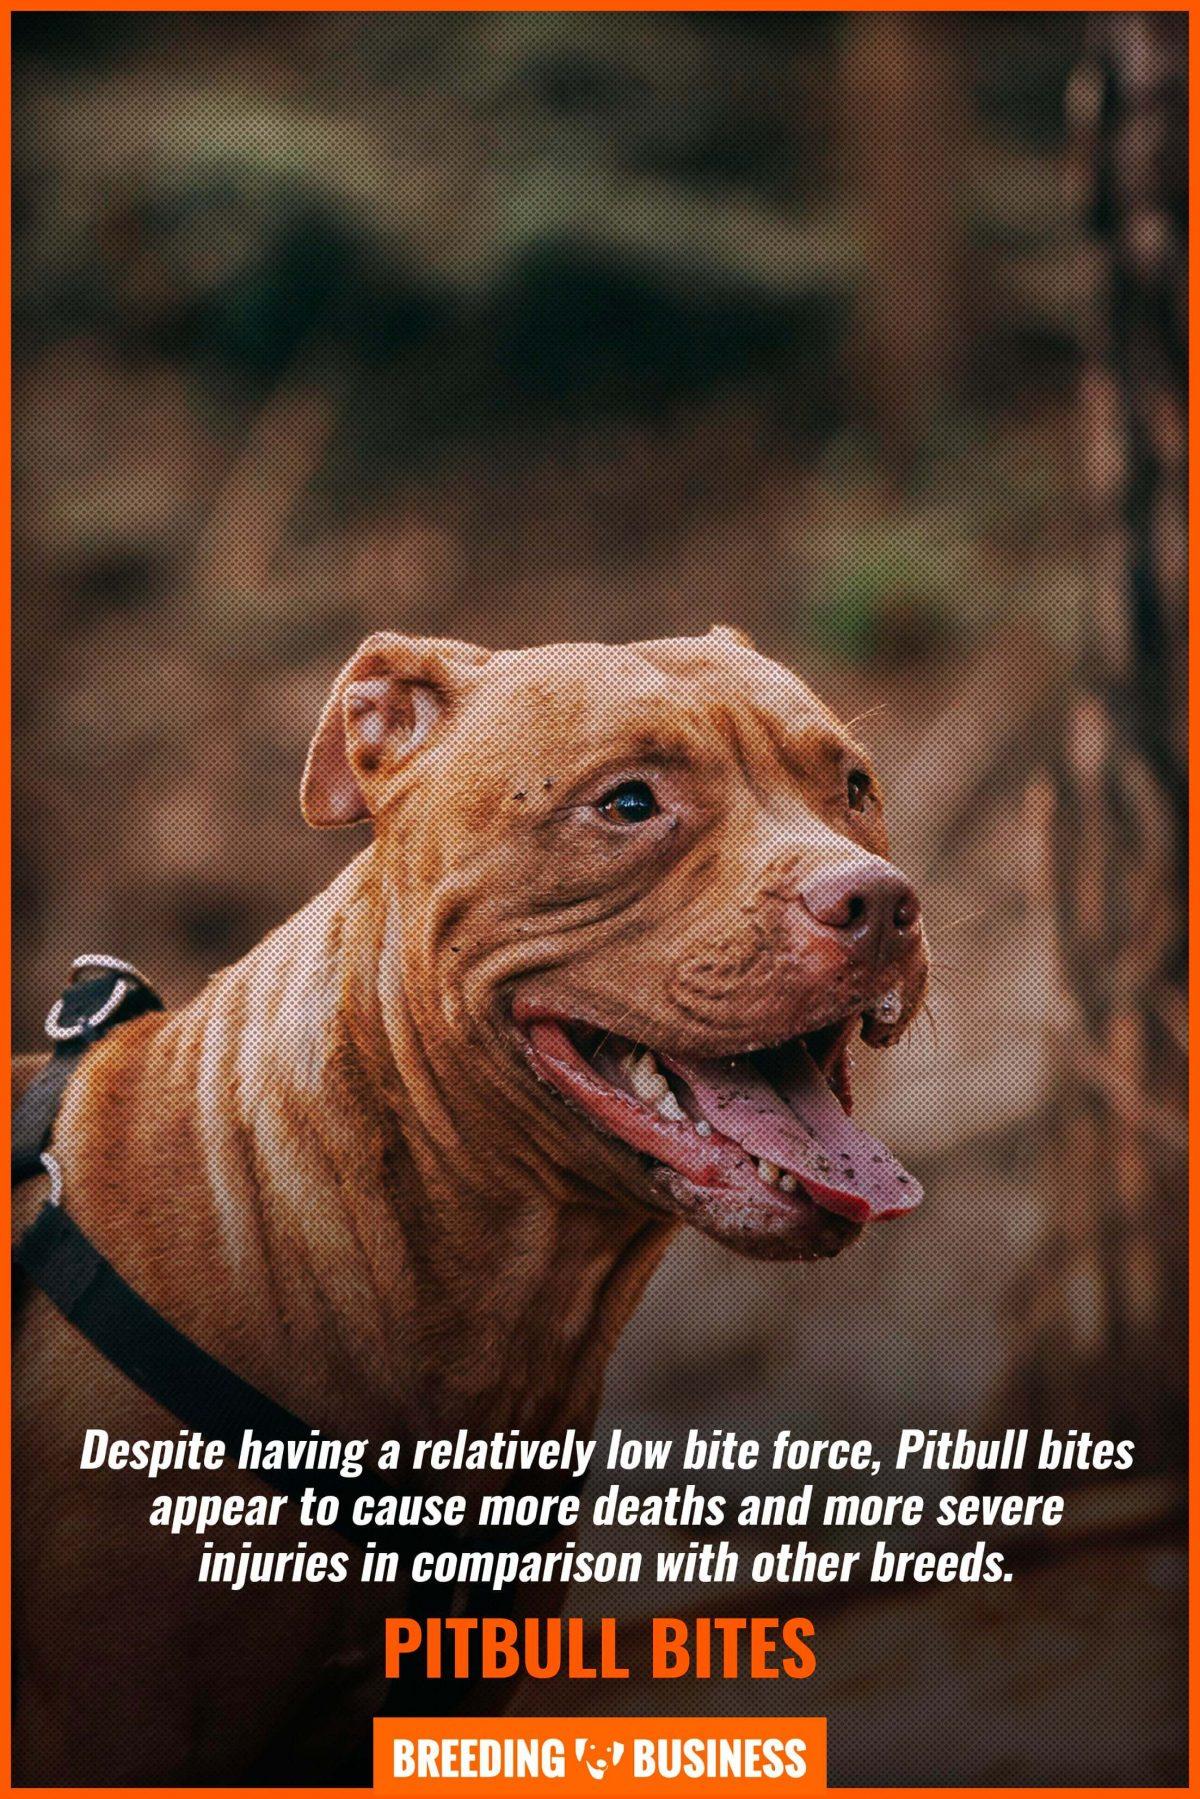 pitbull bites